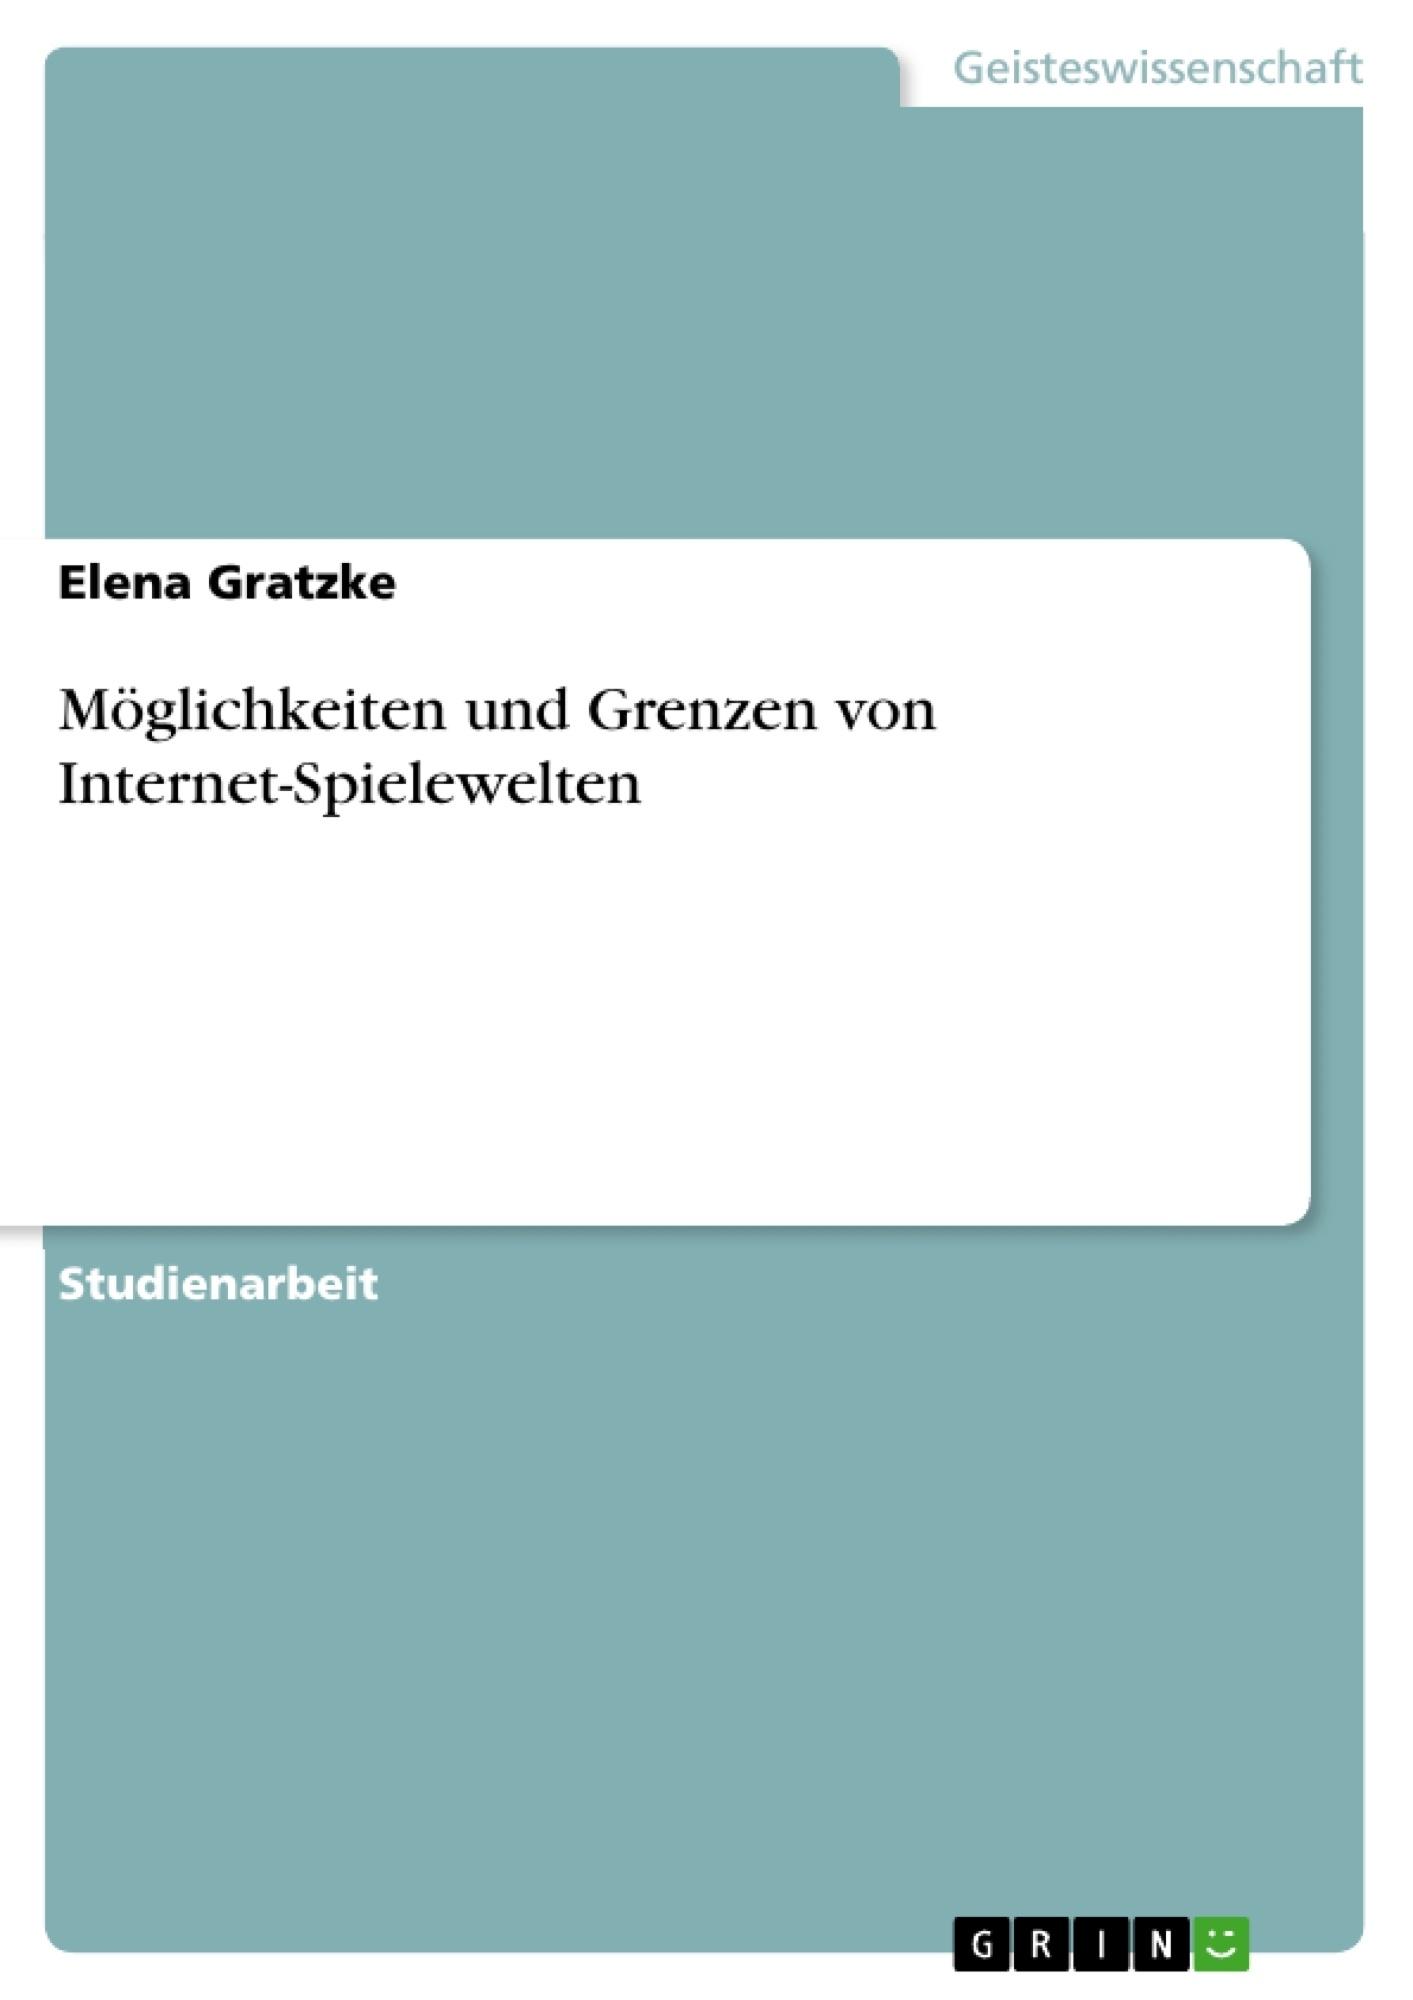 Titel: Möglichkeiten und Grenzen von Internet-Spielewelten